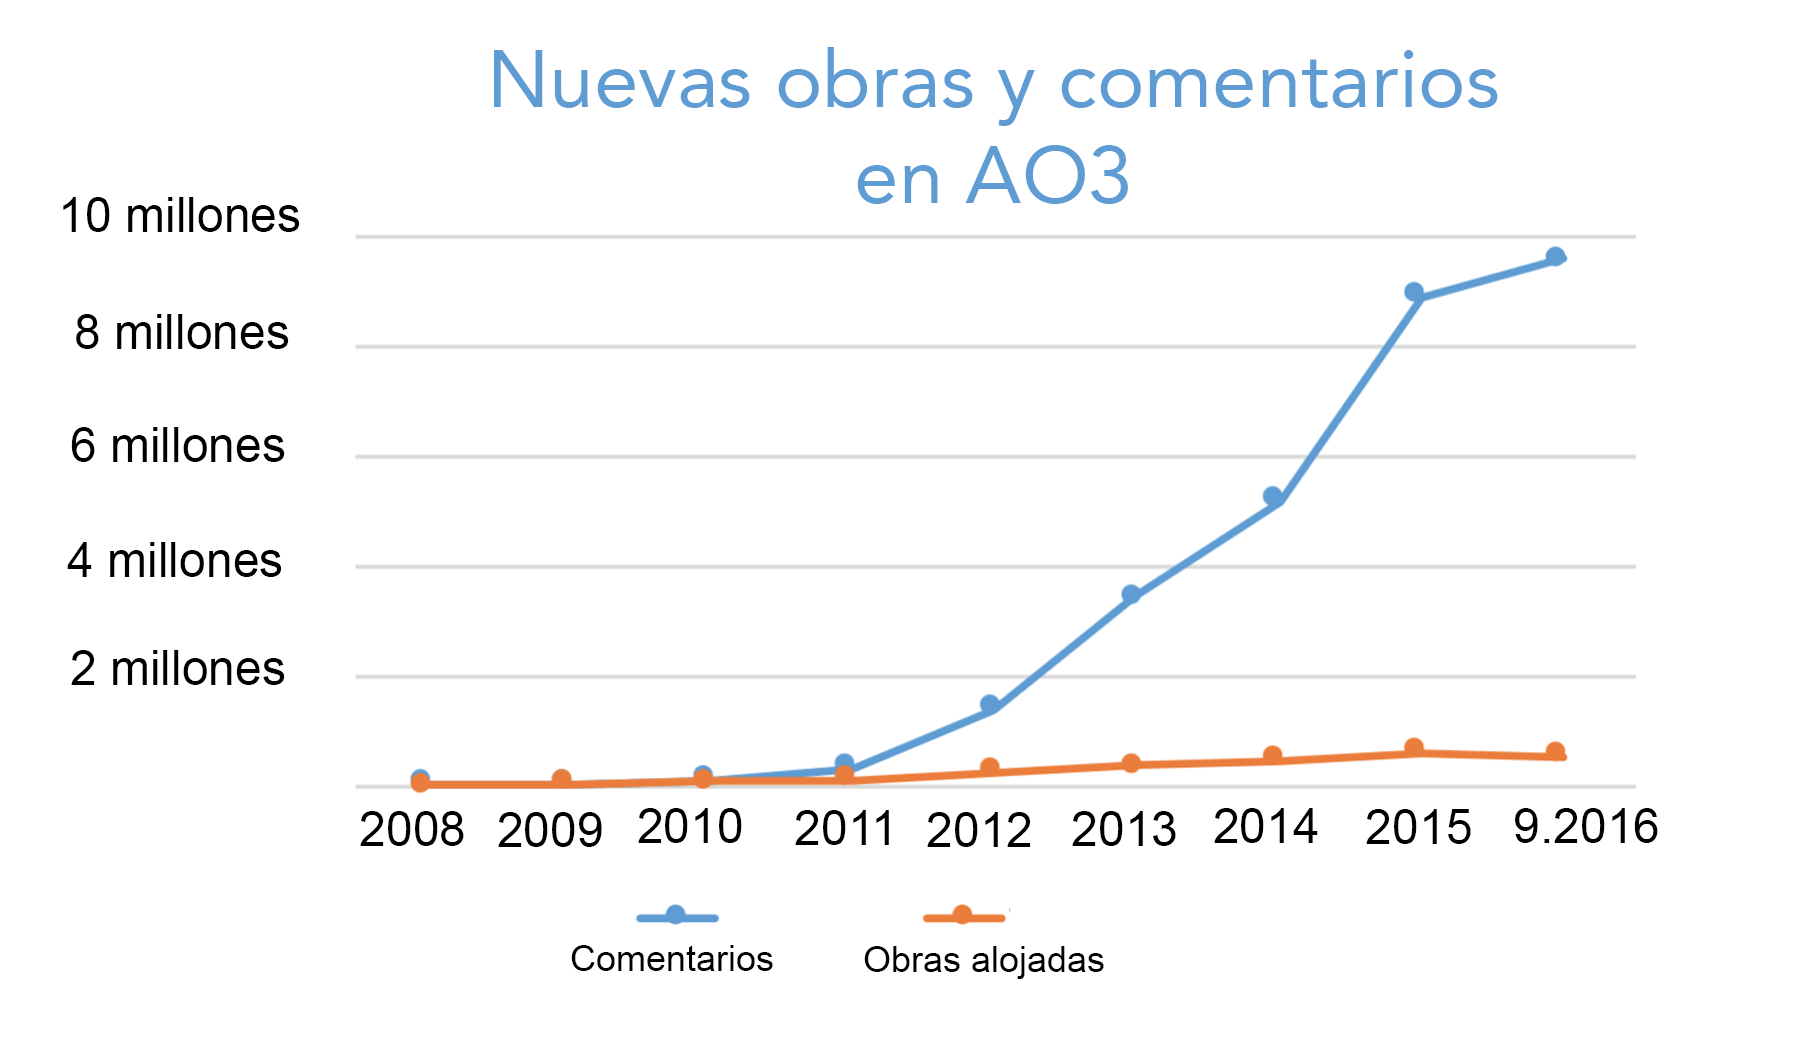 Gráfico de crecimiento de obras y comentarios creados cada año en AO3, de cero en 2008 a más de 500.000 obras y 9.5 millones de comentarios sólo en este año.